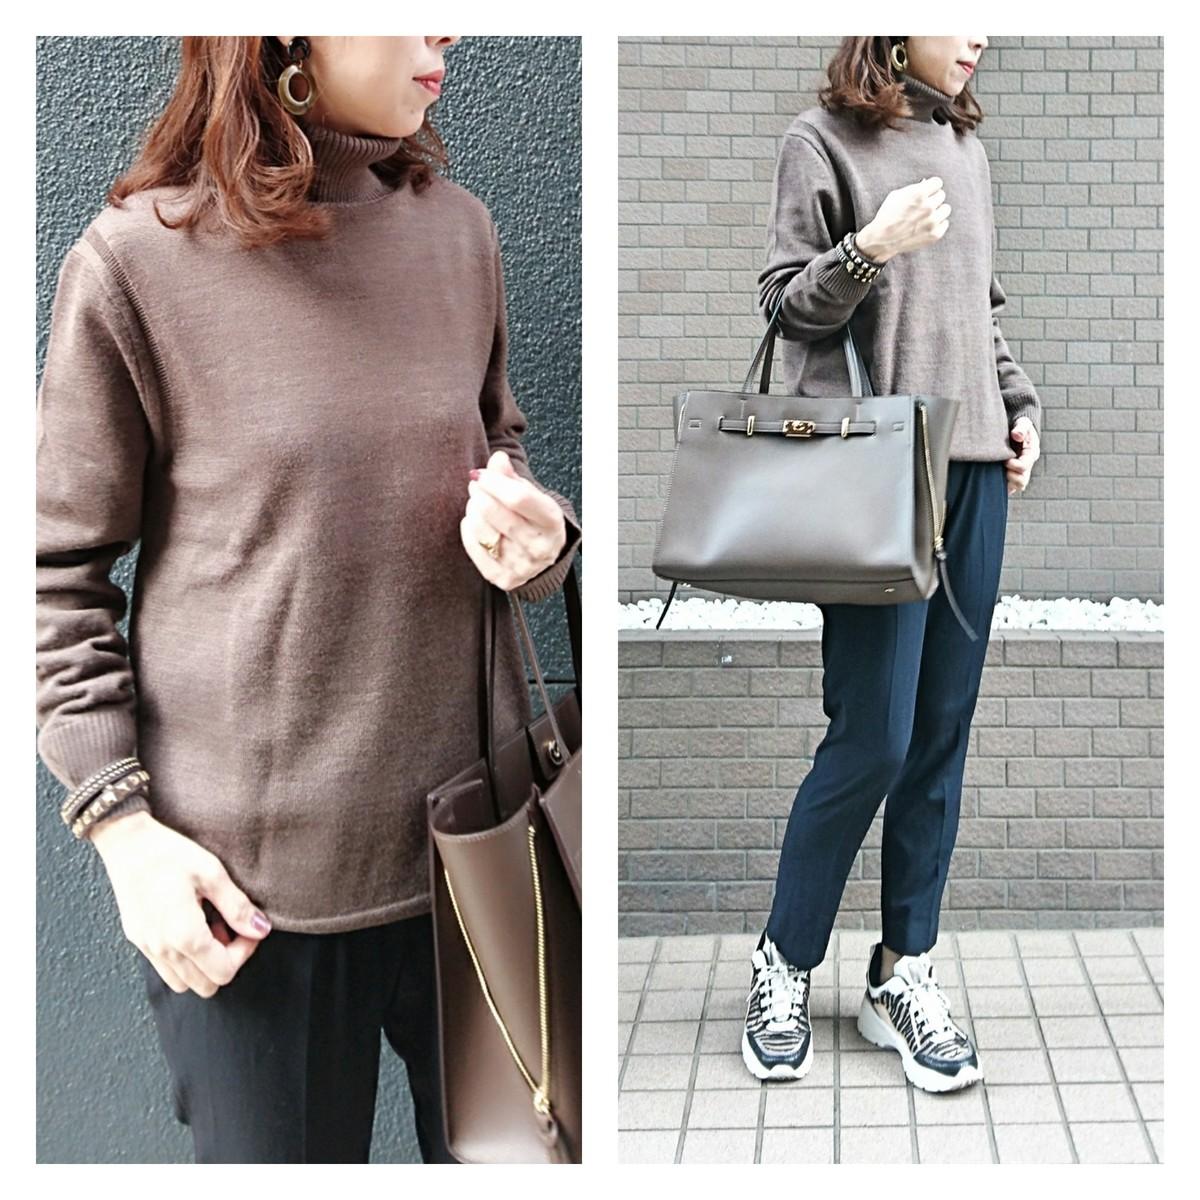 UNIQLOメンズセーター2990円が買い! ニュアンスカラーで高見え